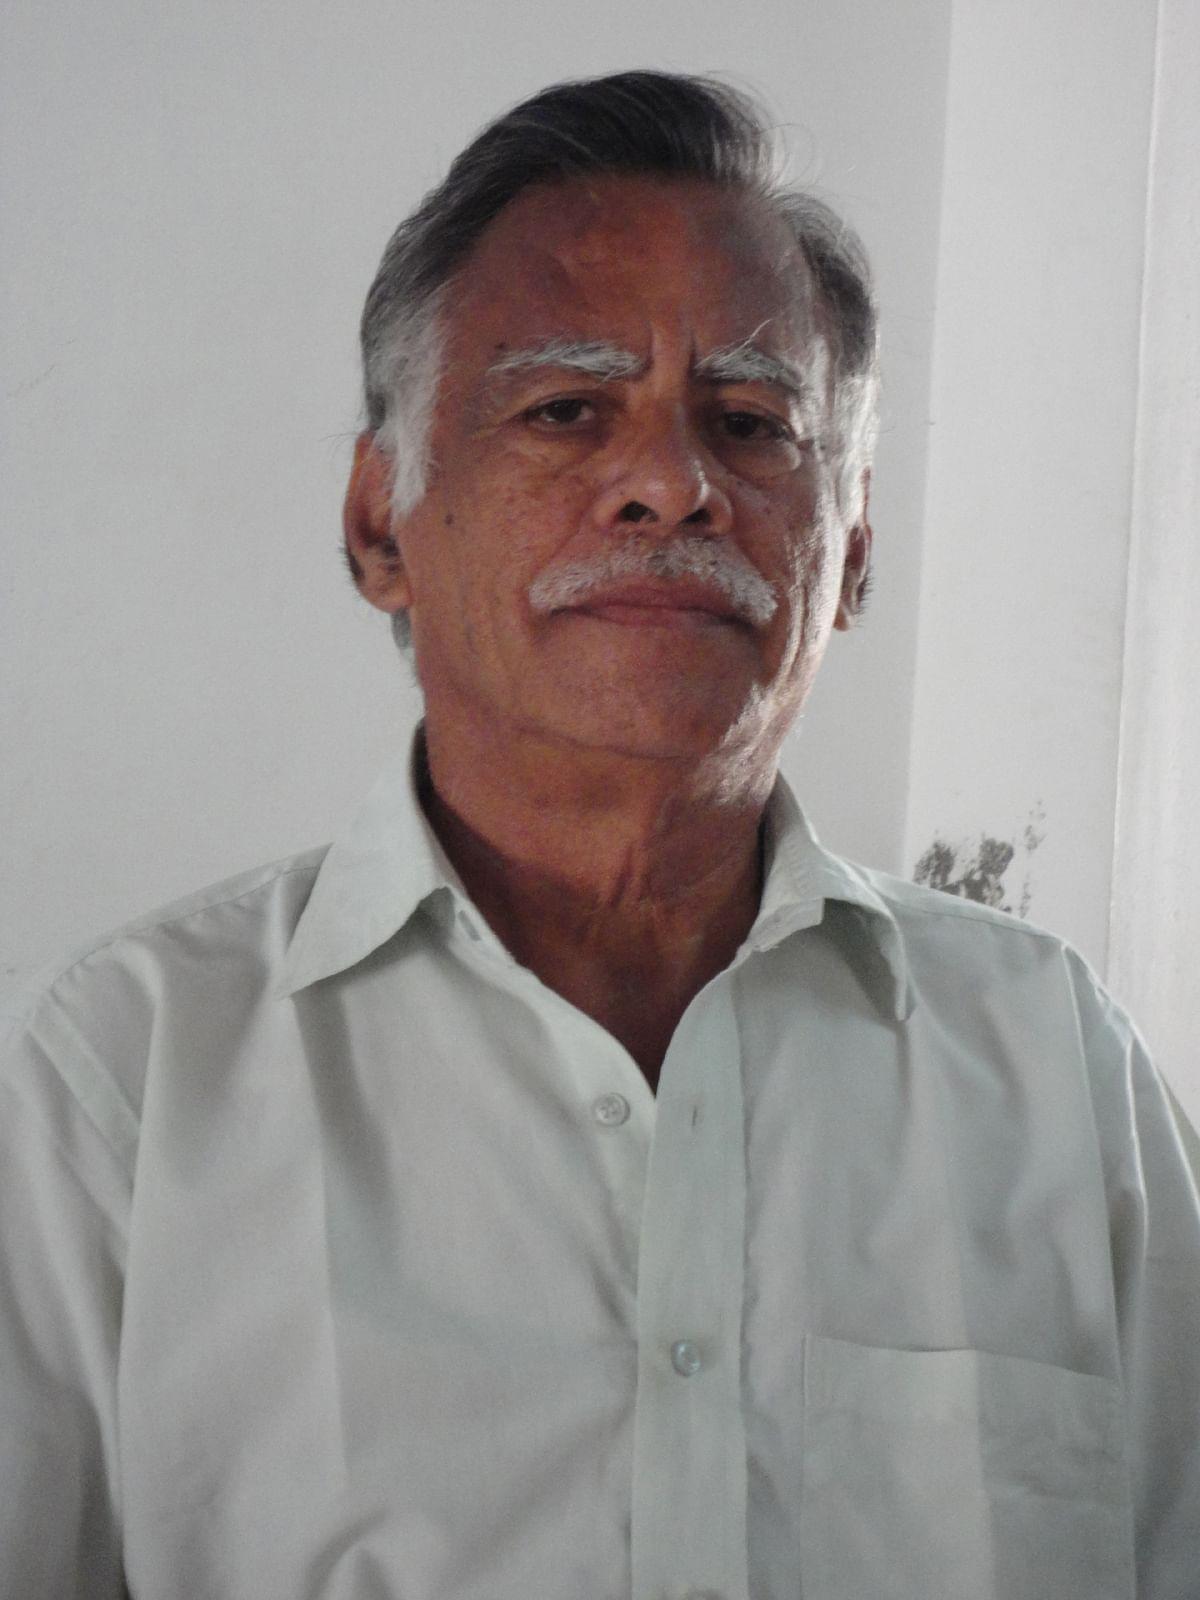 சிக்காக்கோ விஸ்வநாதன்